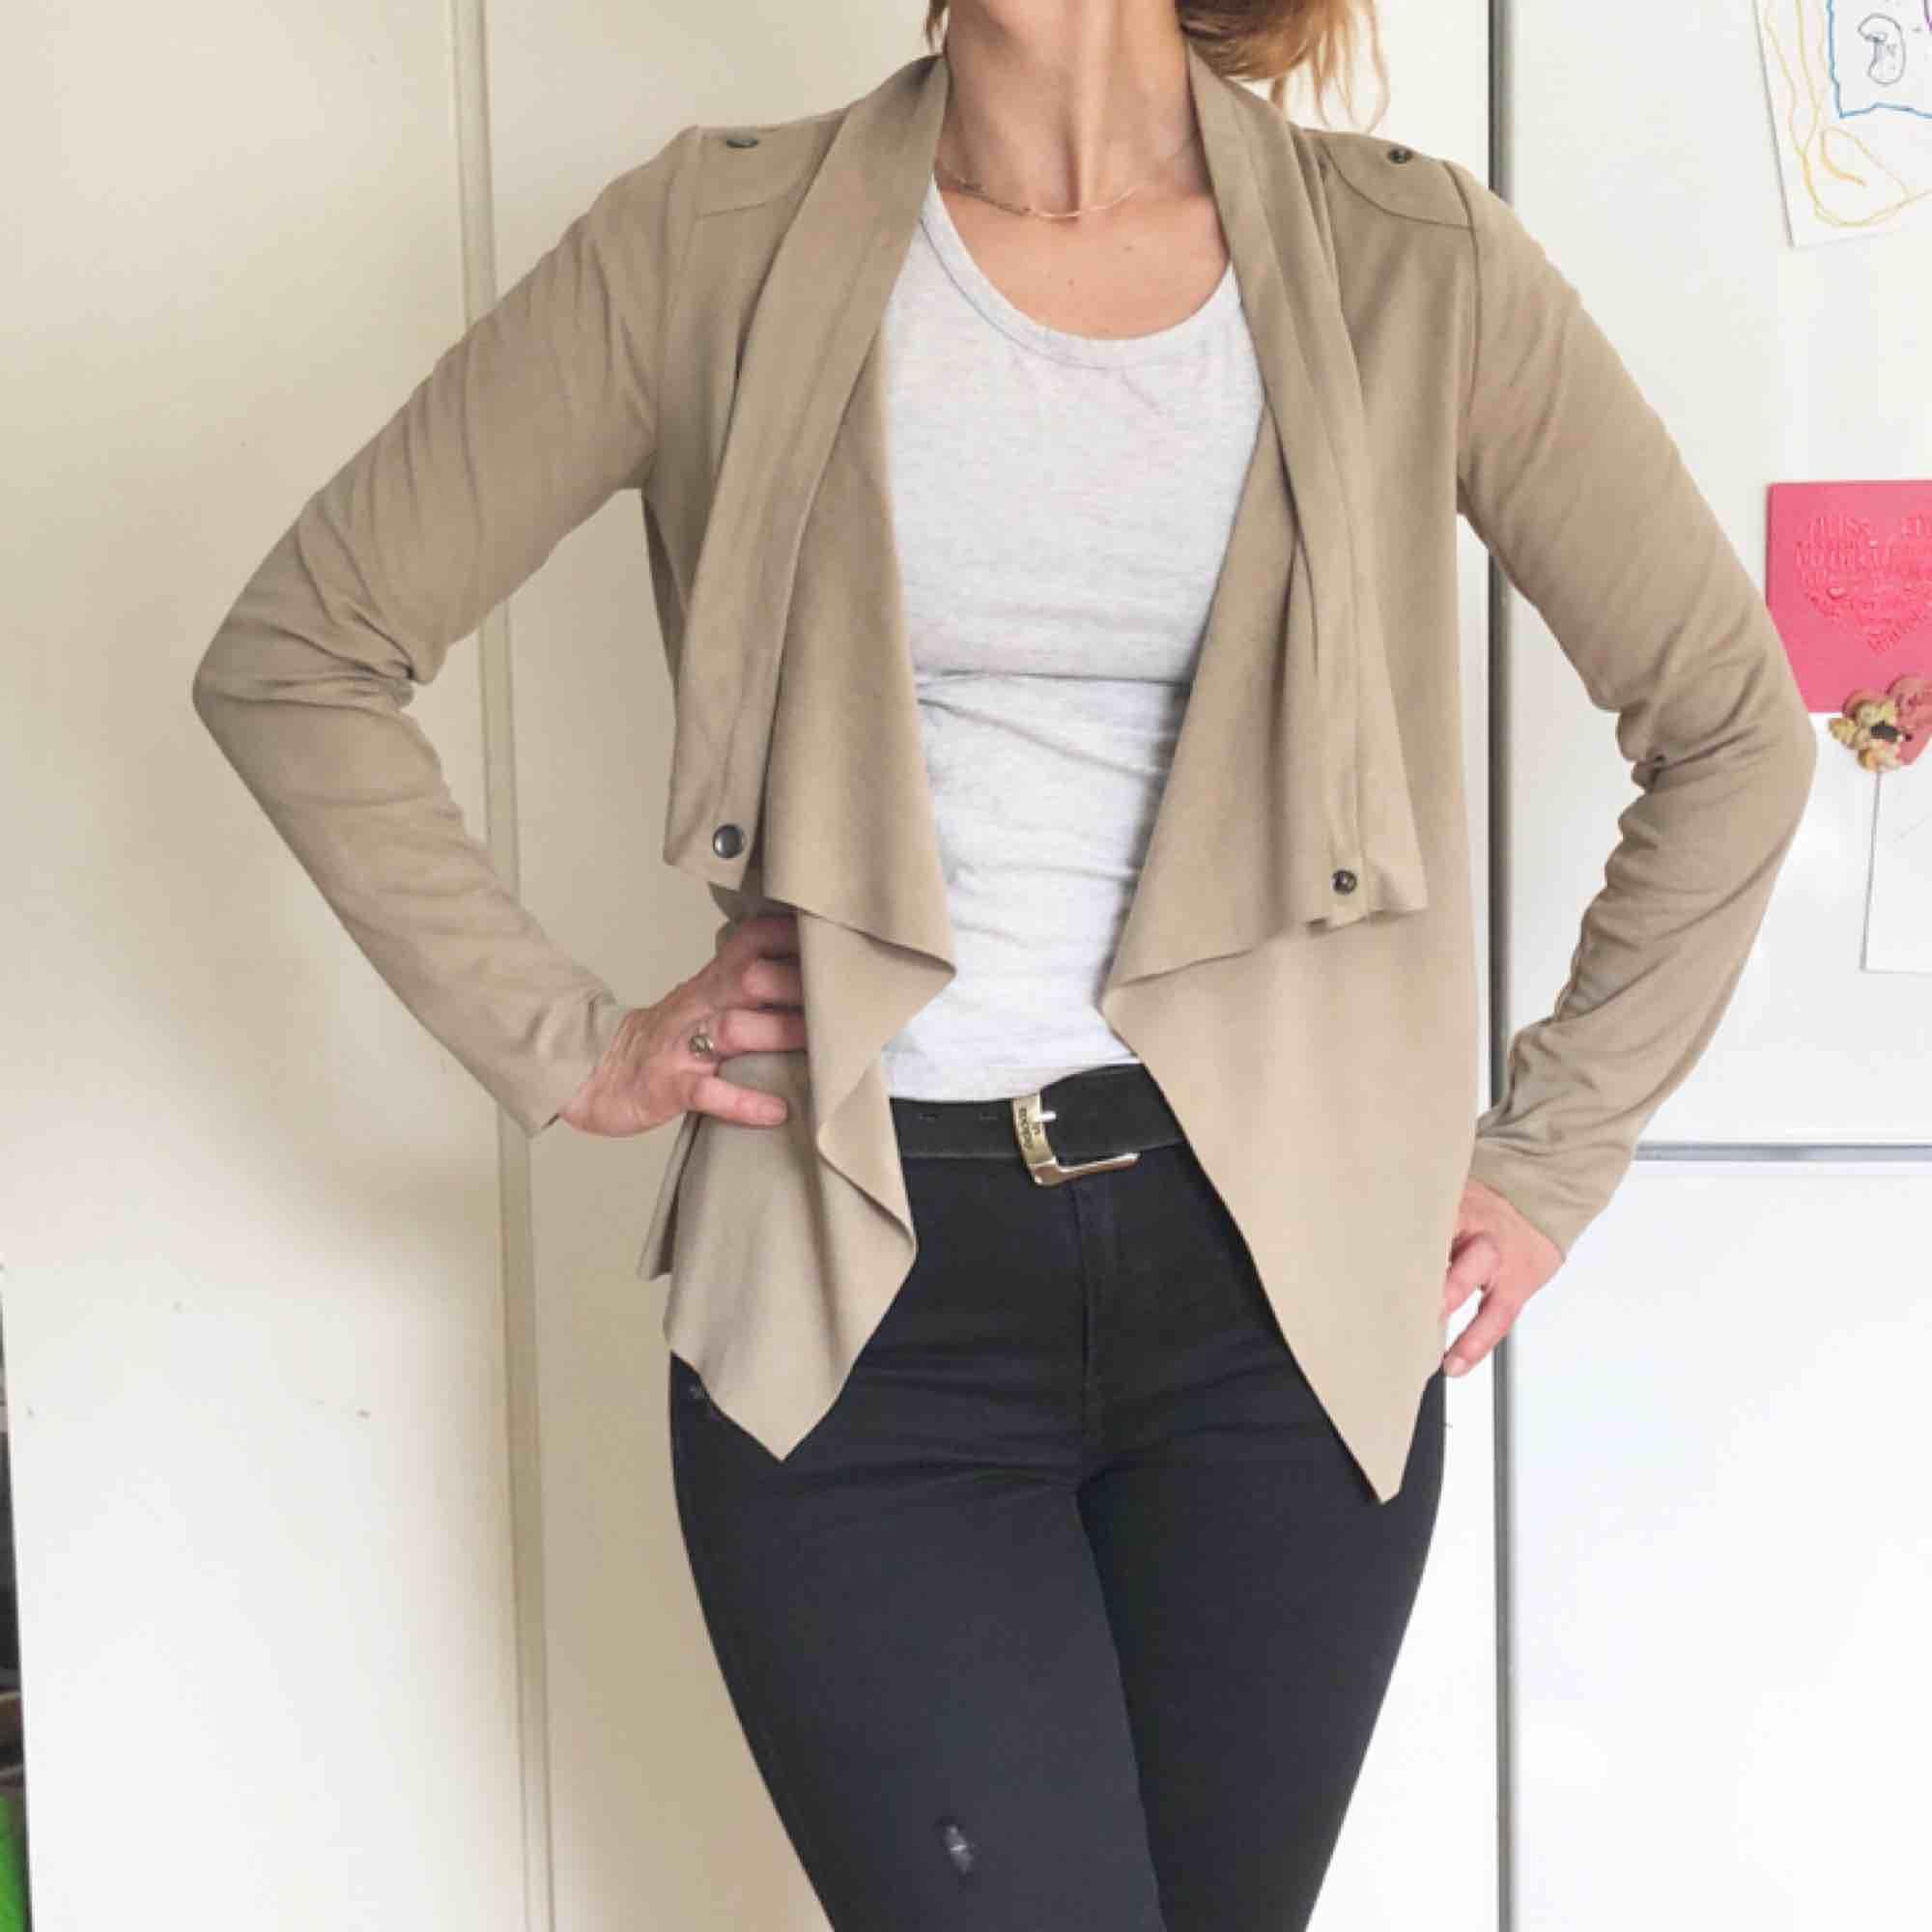 Jacket/cardigan/tröja i mjuk mocca-imitaton, köpt på Nelly.se och märket är Object. Den är beigefärgad och kan användas öppen men har också tryck-knappar så du kan knäppa den omlott, och få en helt annan tröja! 👍👌😊. Tröjor & Koftor.